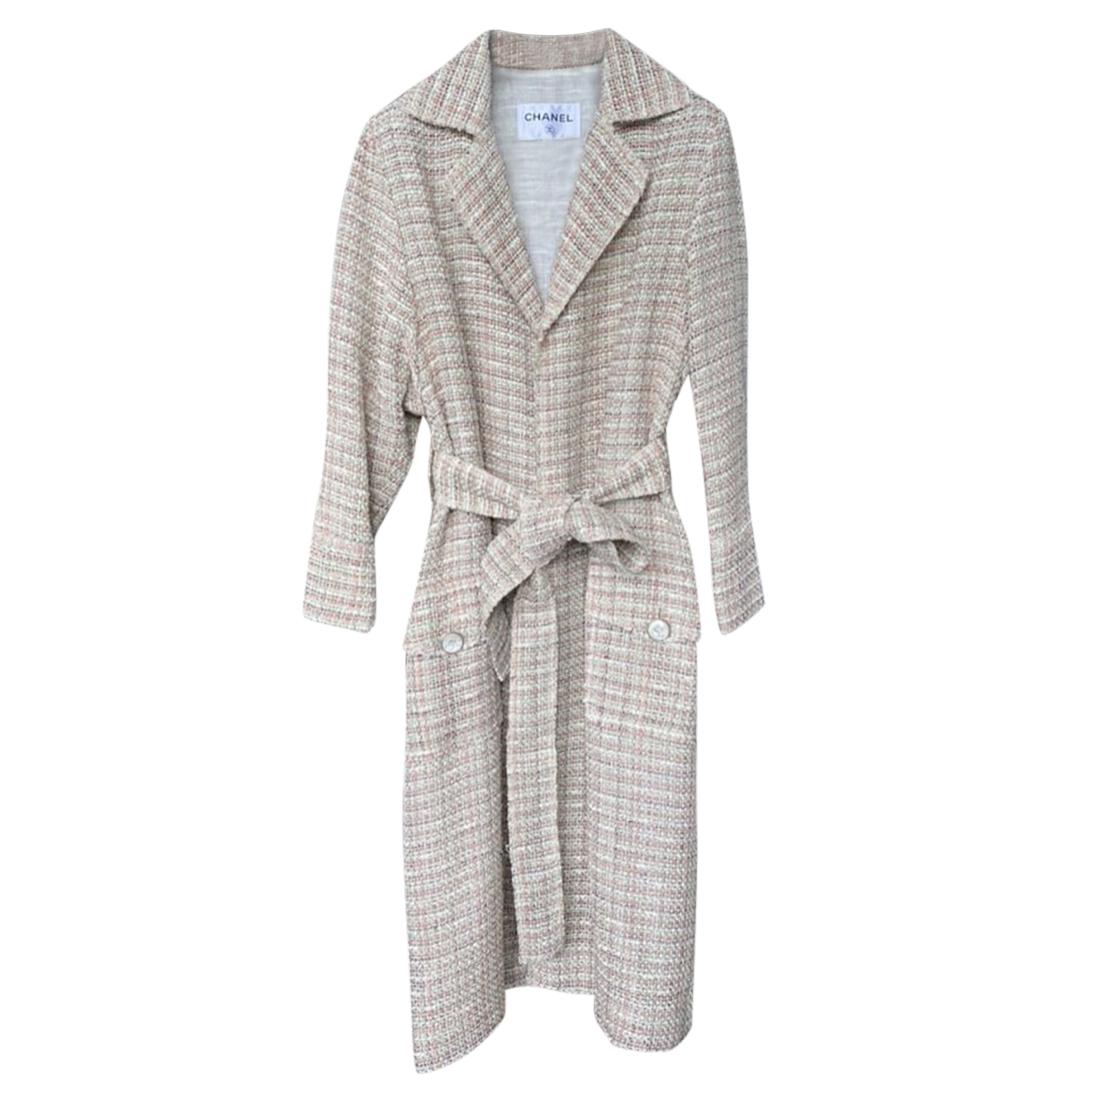 Chanel Paris/Cuba Lightweight Tweed Belted Coat